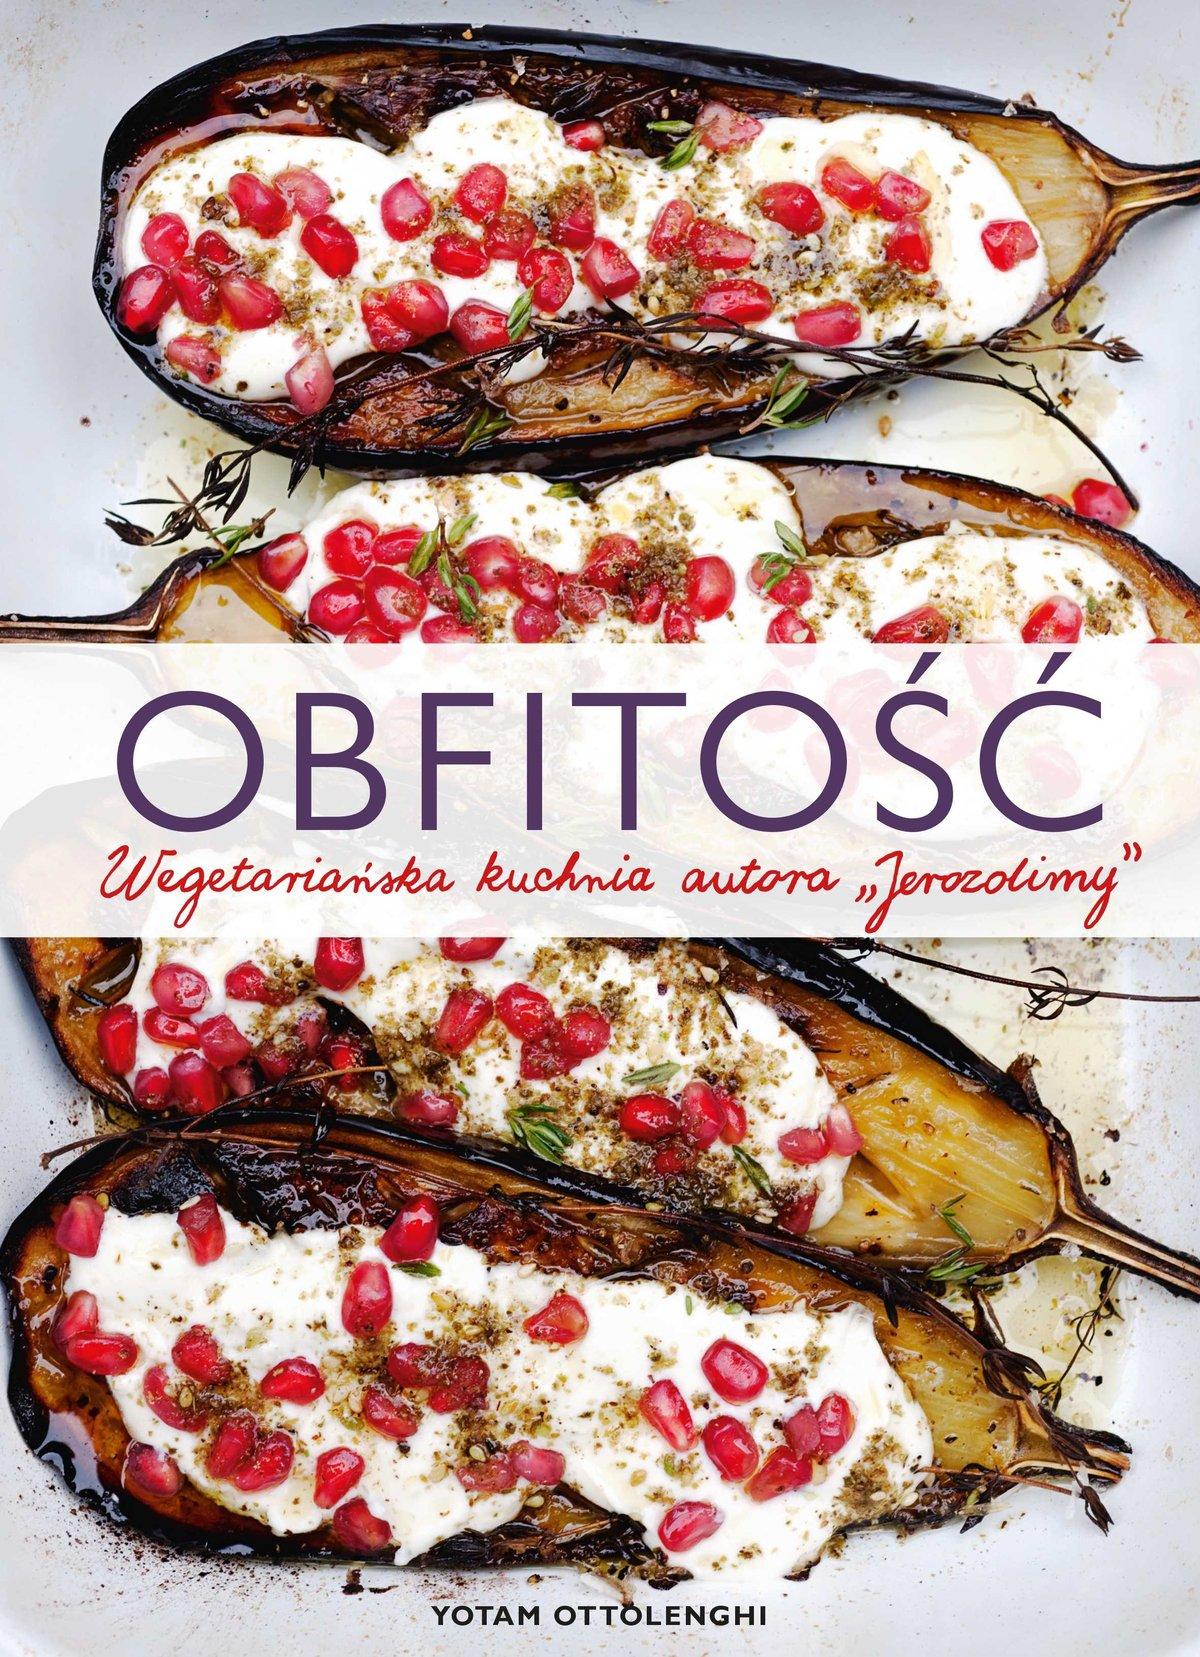 Obfitość. Wegetariańska kuchnia autora Jerozolimy - Ebook (Książka na Kindle) do pobrania w formacie MOBI